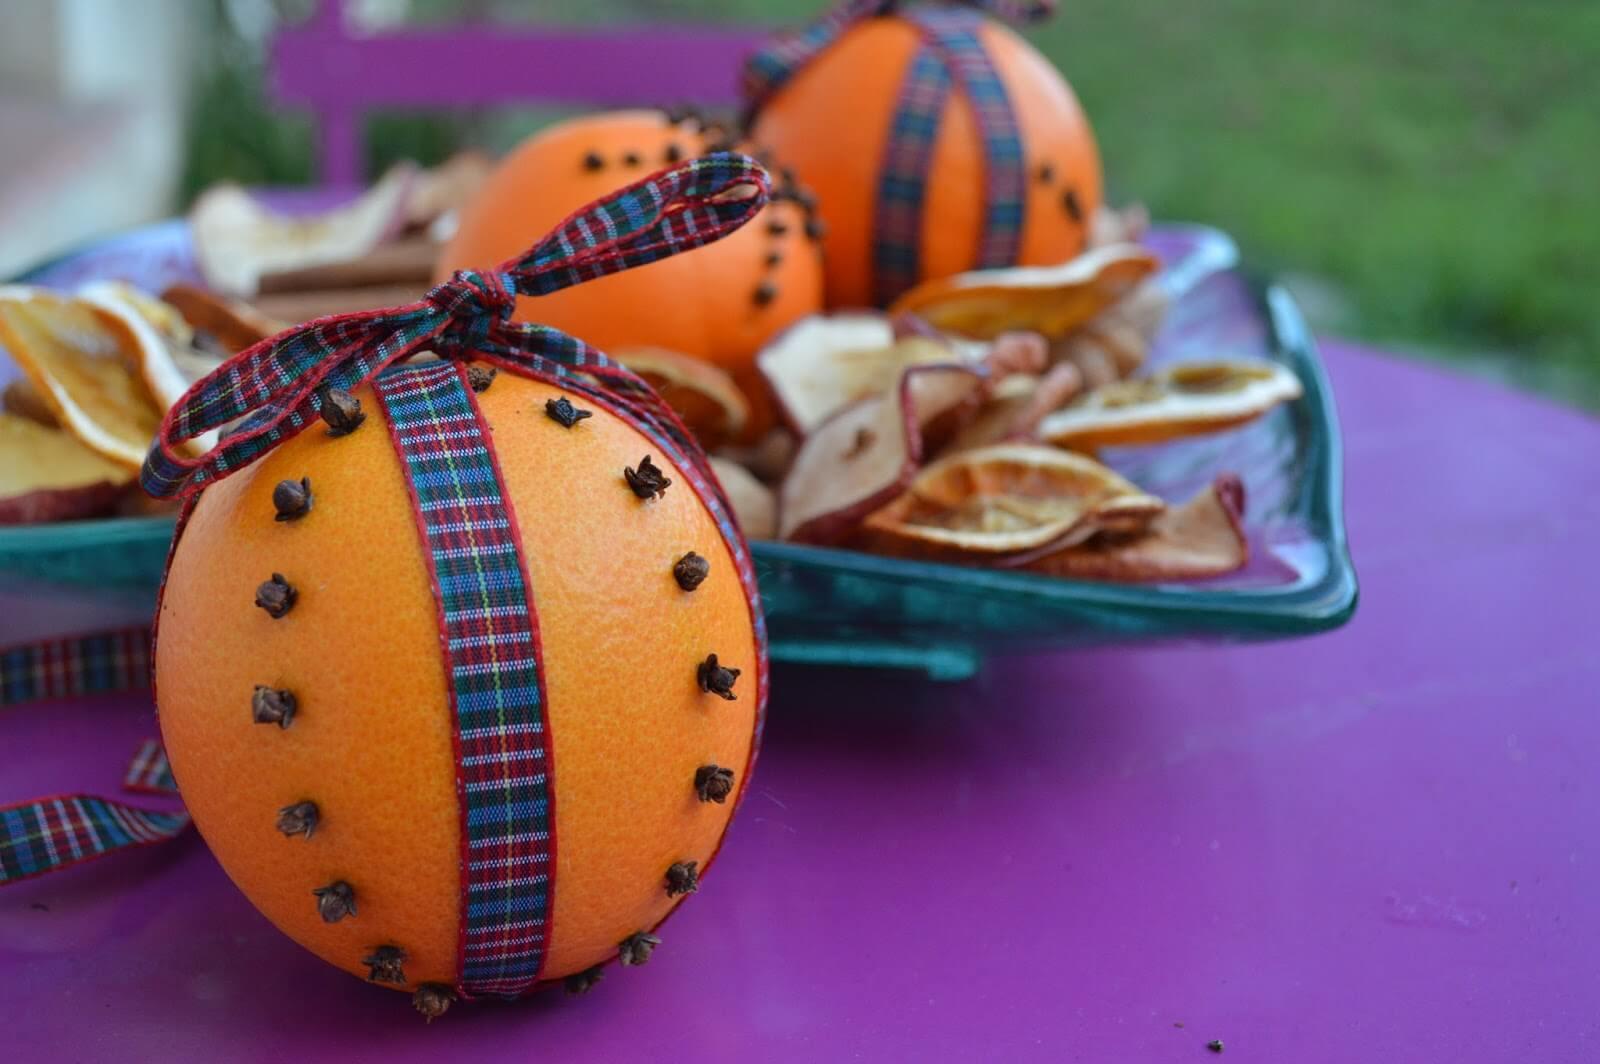 ambientador-de-clavos-y-naranja